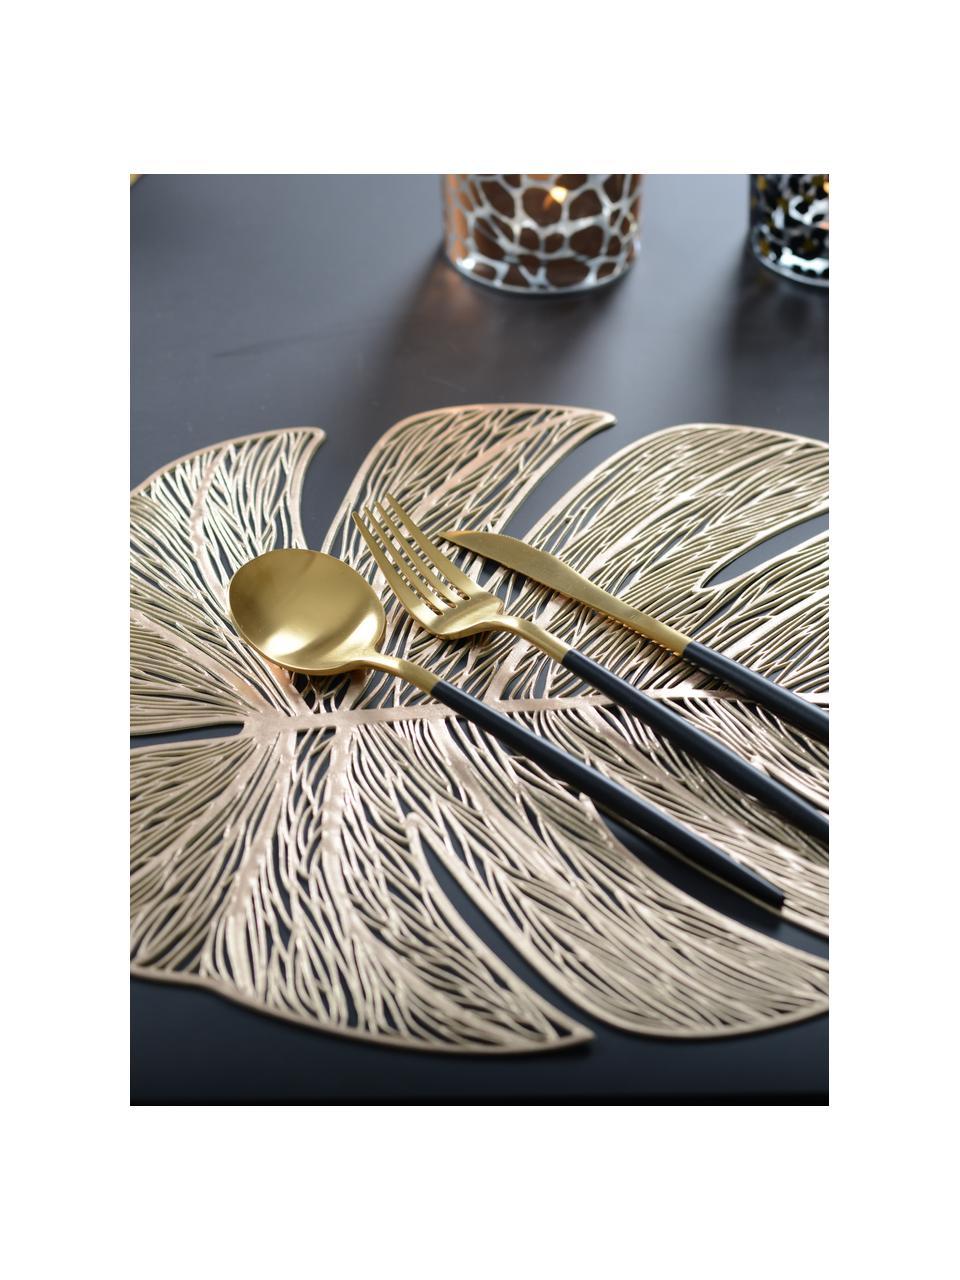 Goldene Kunststoff-Tischsets Leaf in Blattform, 2 Stück, Kunststoff, Goldfarben, 33 x 40 cm